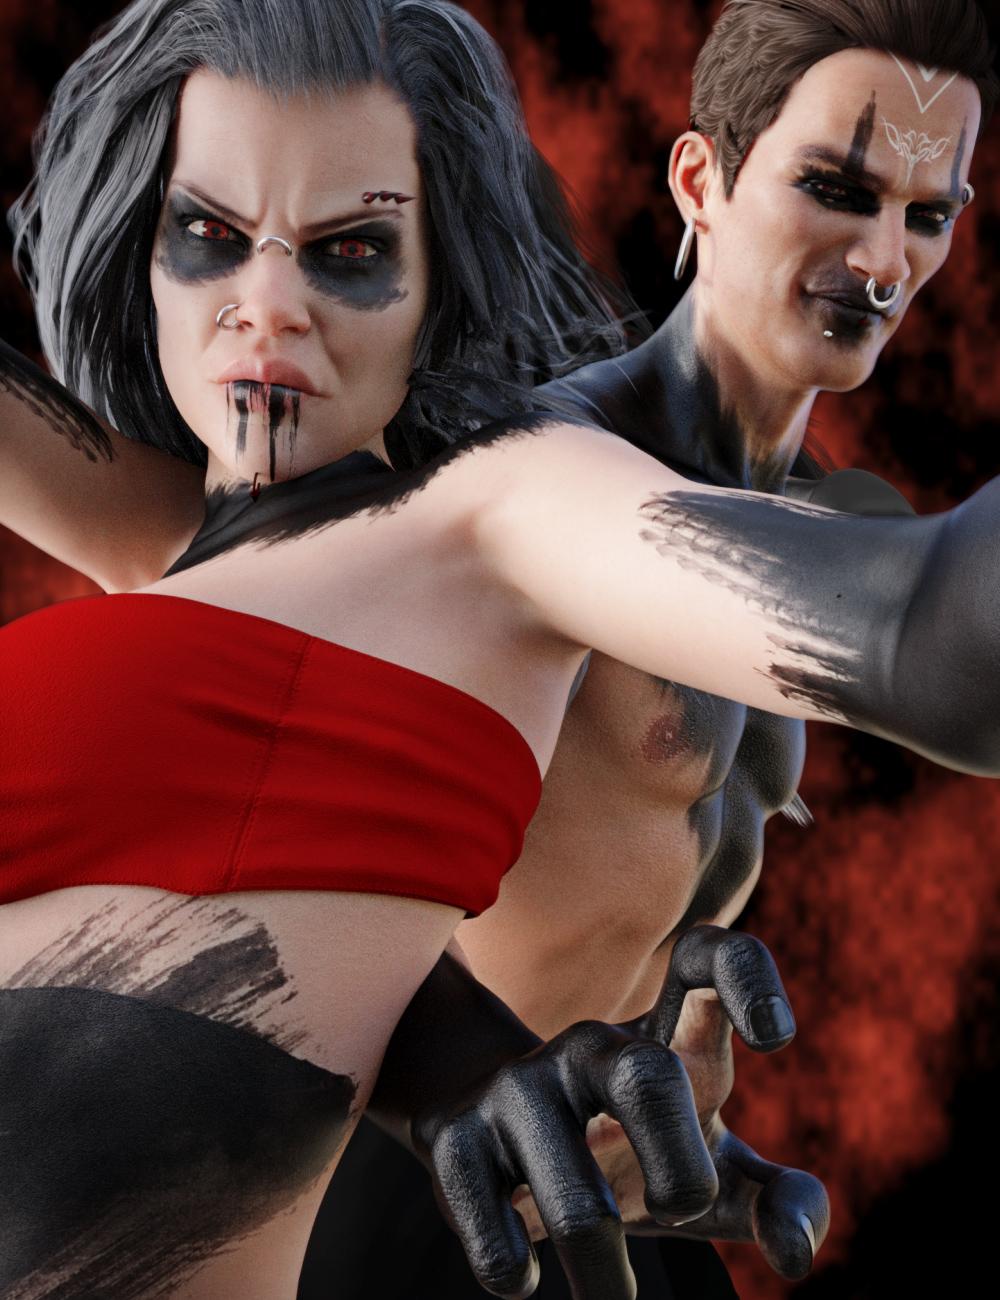 Devilish Bundle by: Neikdian, 3D Models by Daz 3D